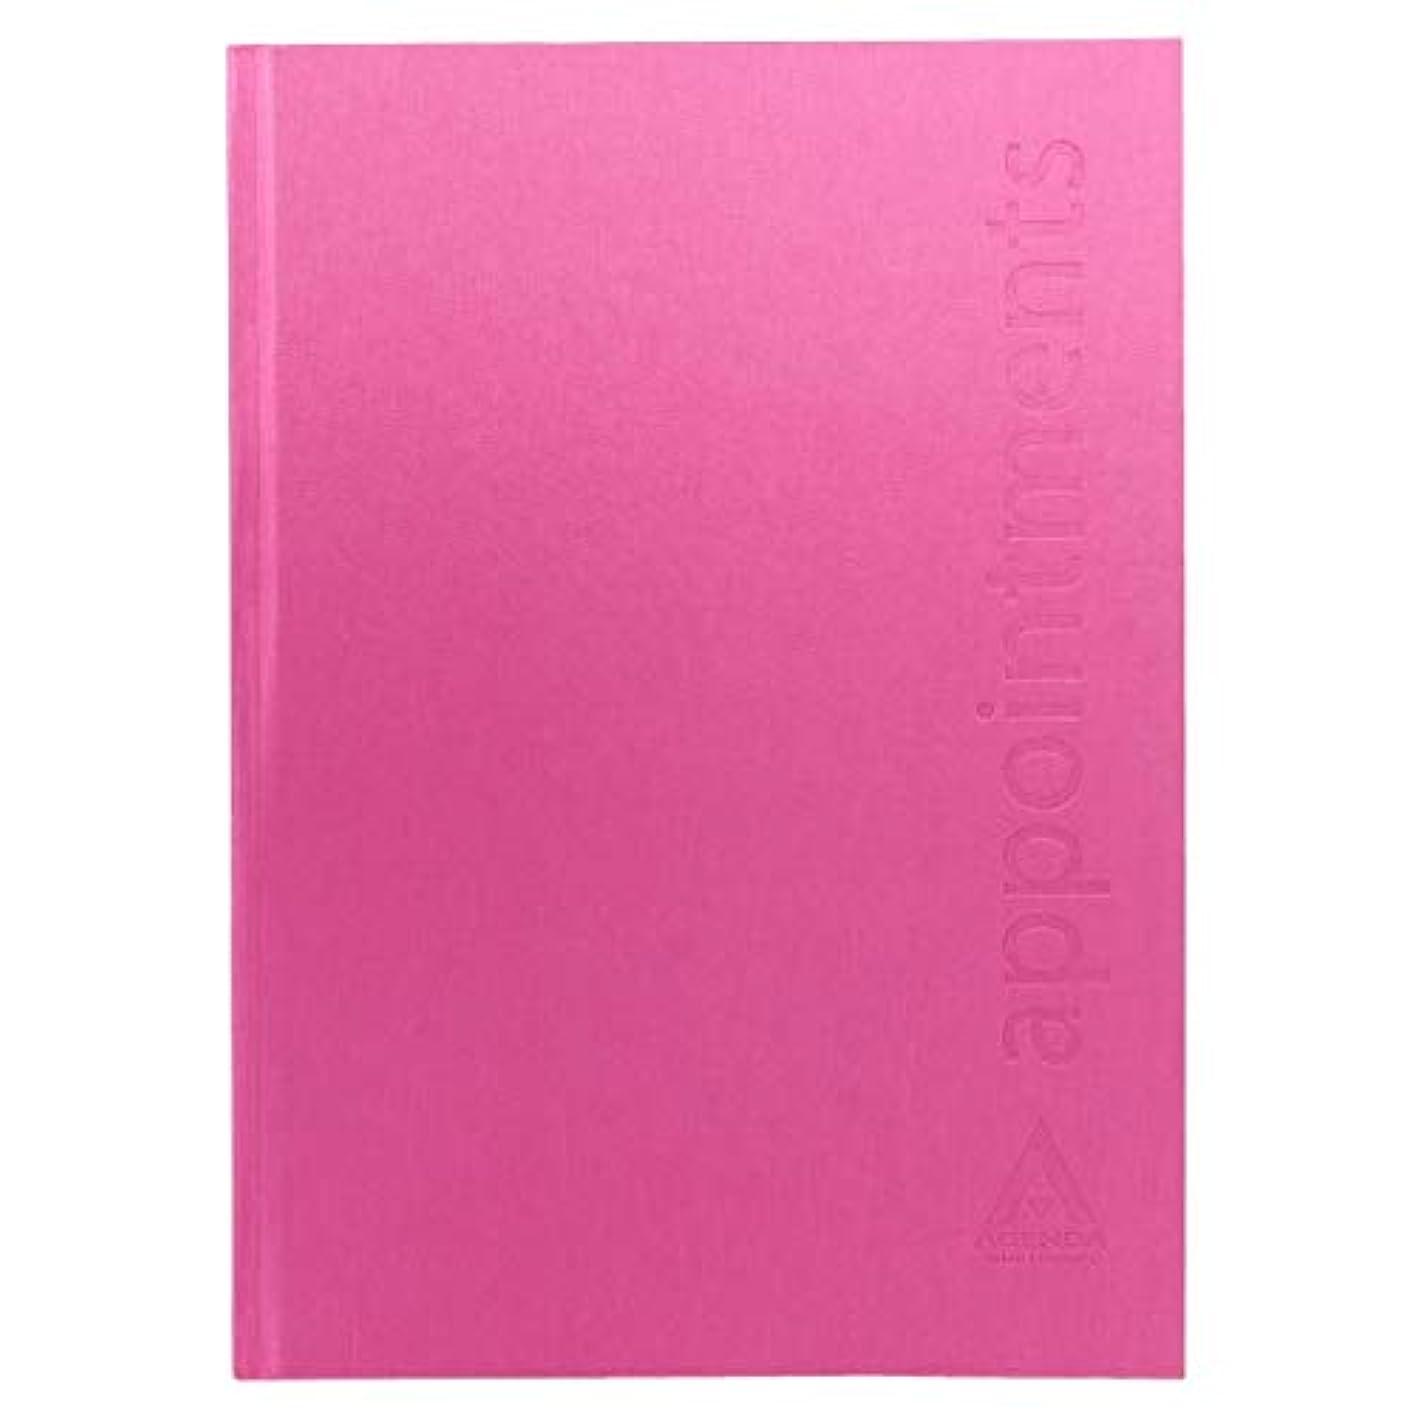 現れる着飾る入力アジェンダ サロンコンセプト 美容アポイントブック6アシスタントホットピンク[海外直送品] [並行輸入品]